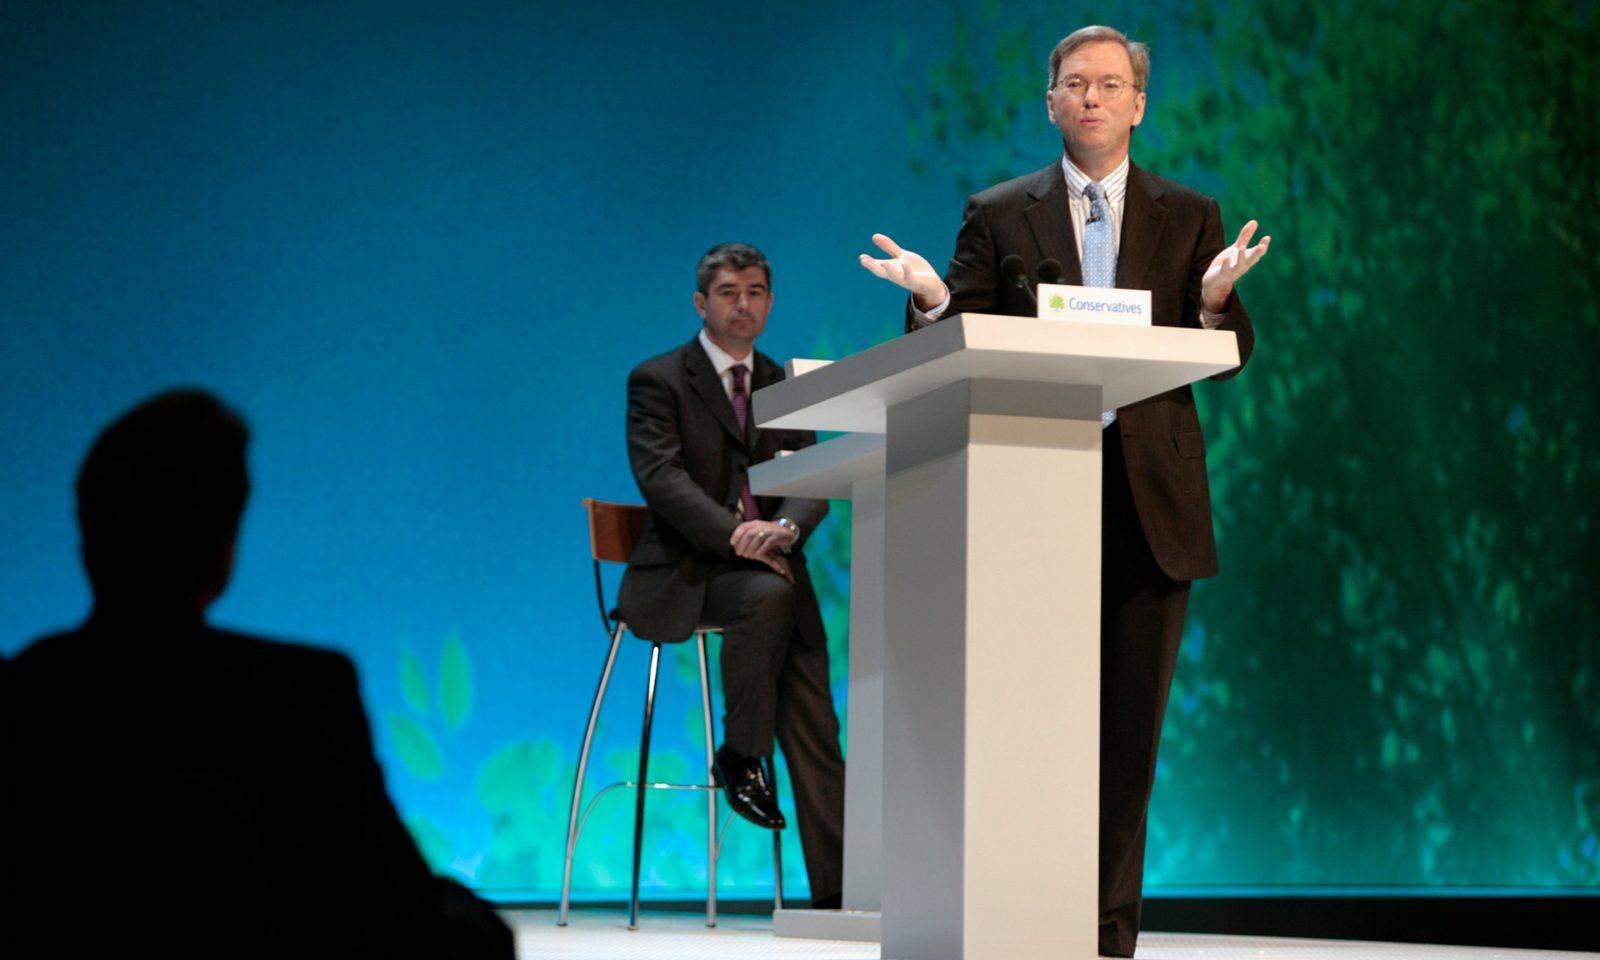 David Cameron Eric Schmidt Google